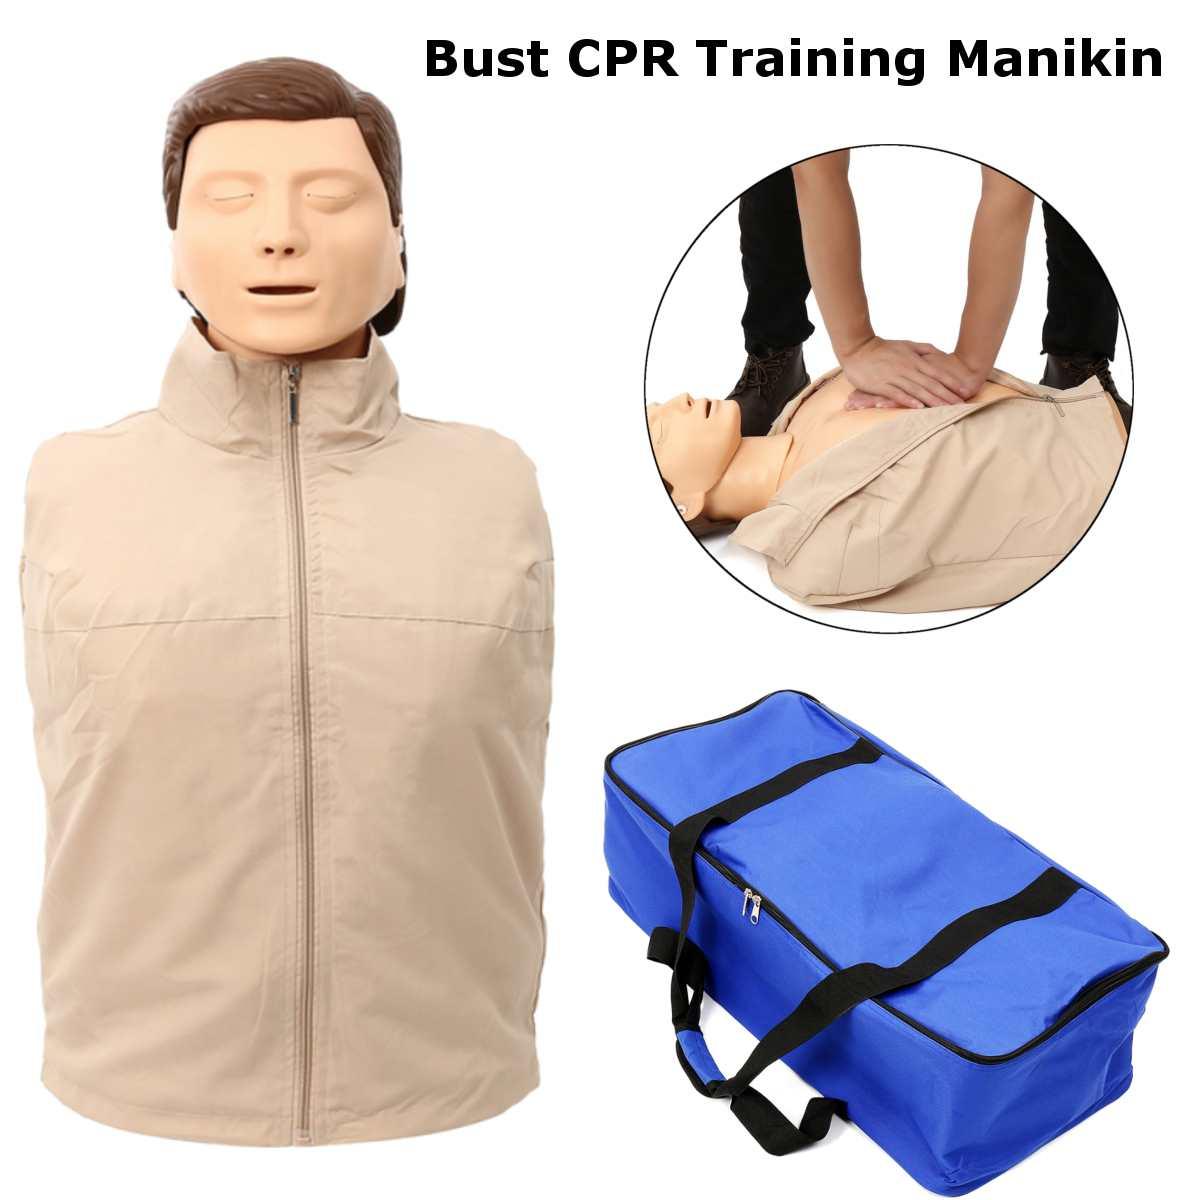 70x22x34 см Обхват груди: тренировочный манекен CPR Профессиональный сестринского Подготовки манекена медицинская модель человека тренировка с...